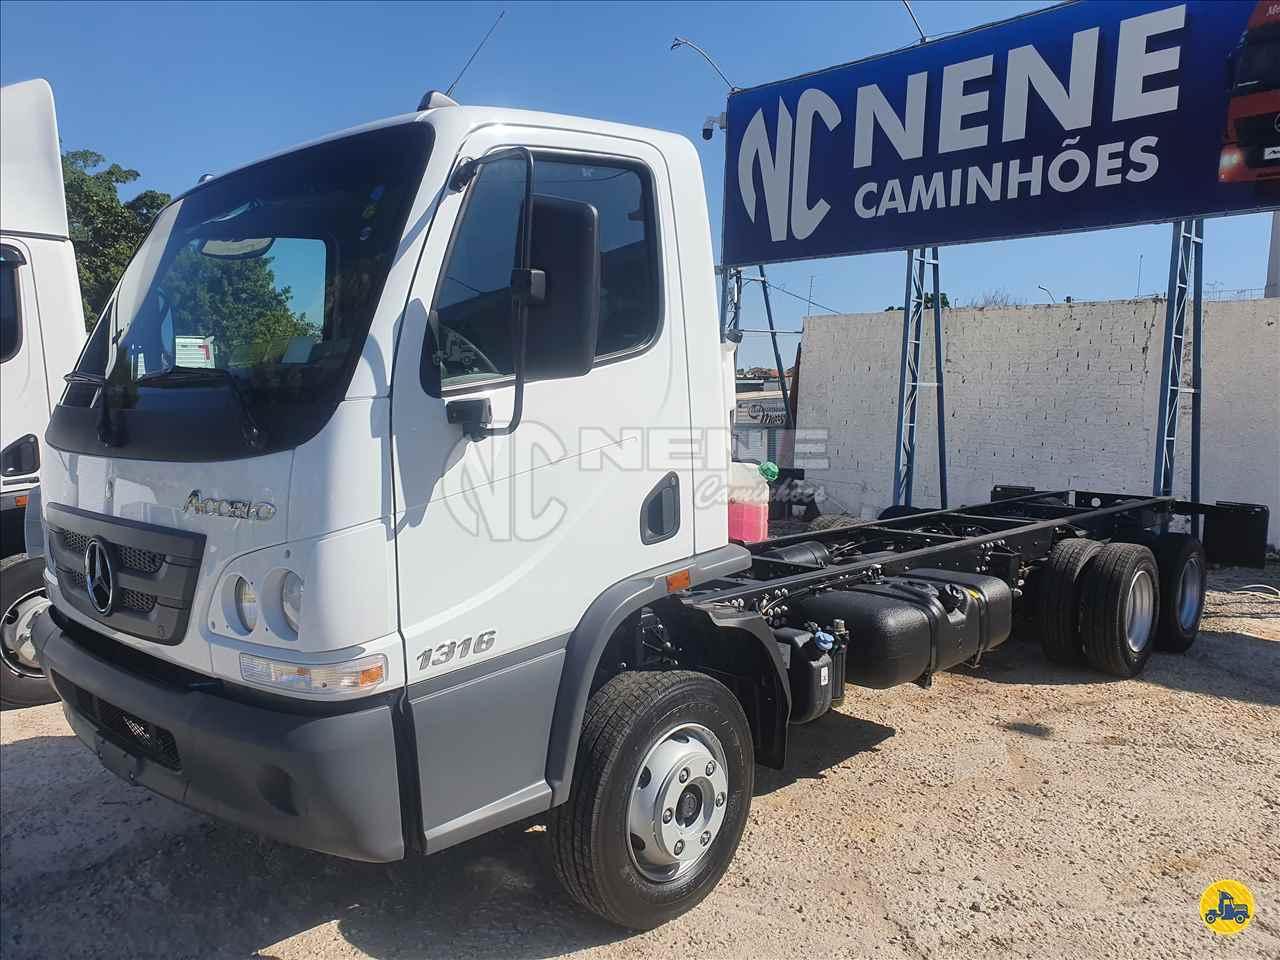 CAMINHAO MERCEDES-BENZ MB 1316 Chassis 3/4 6x2 Nene Caminhões SAO JOAO DA BOA VISTA SÃO PAULO SP